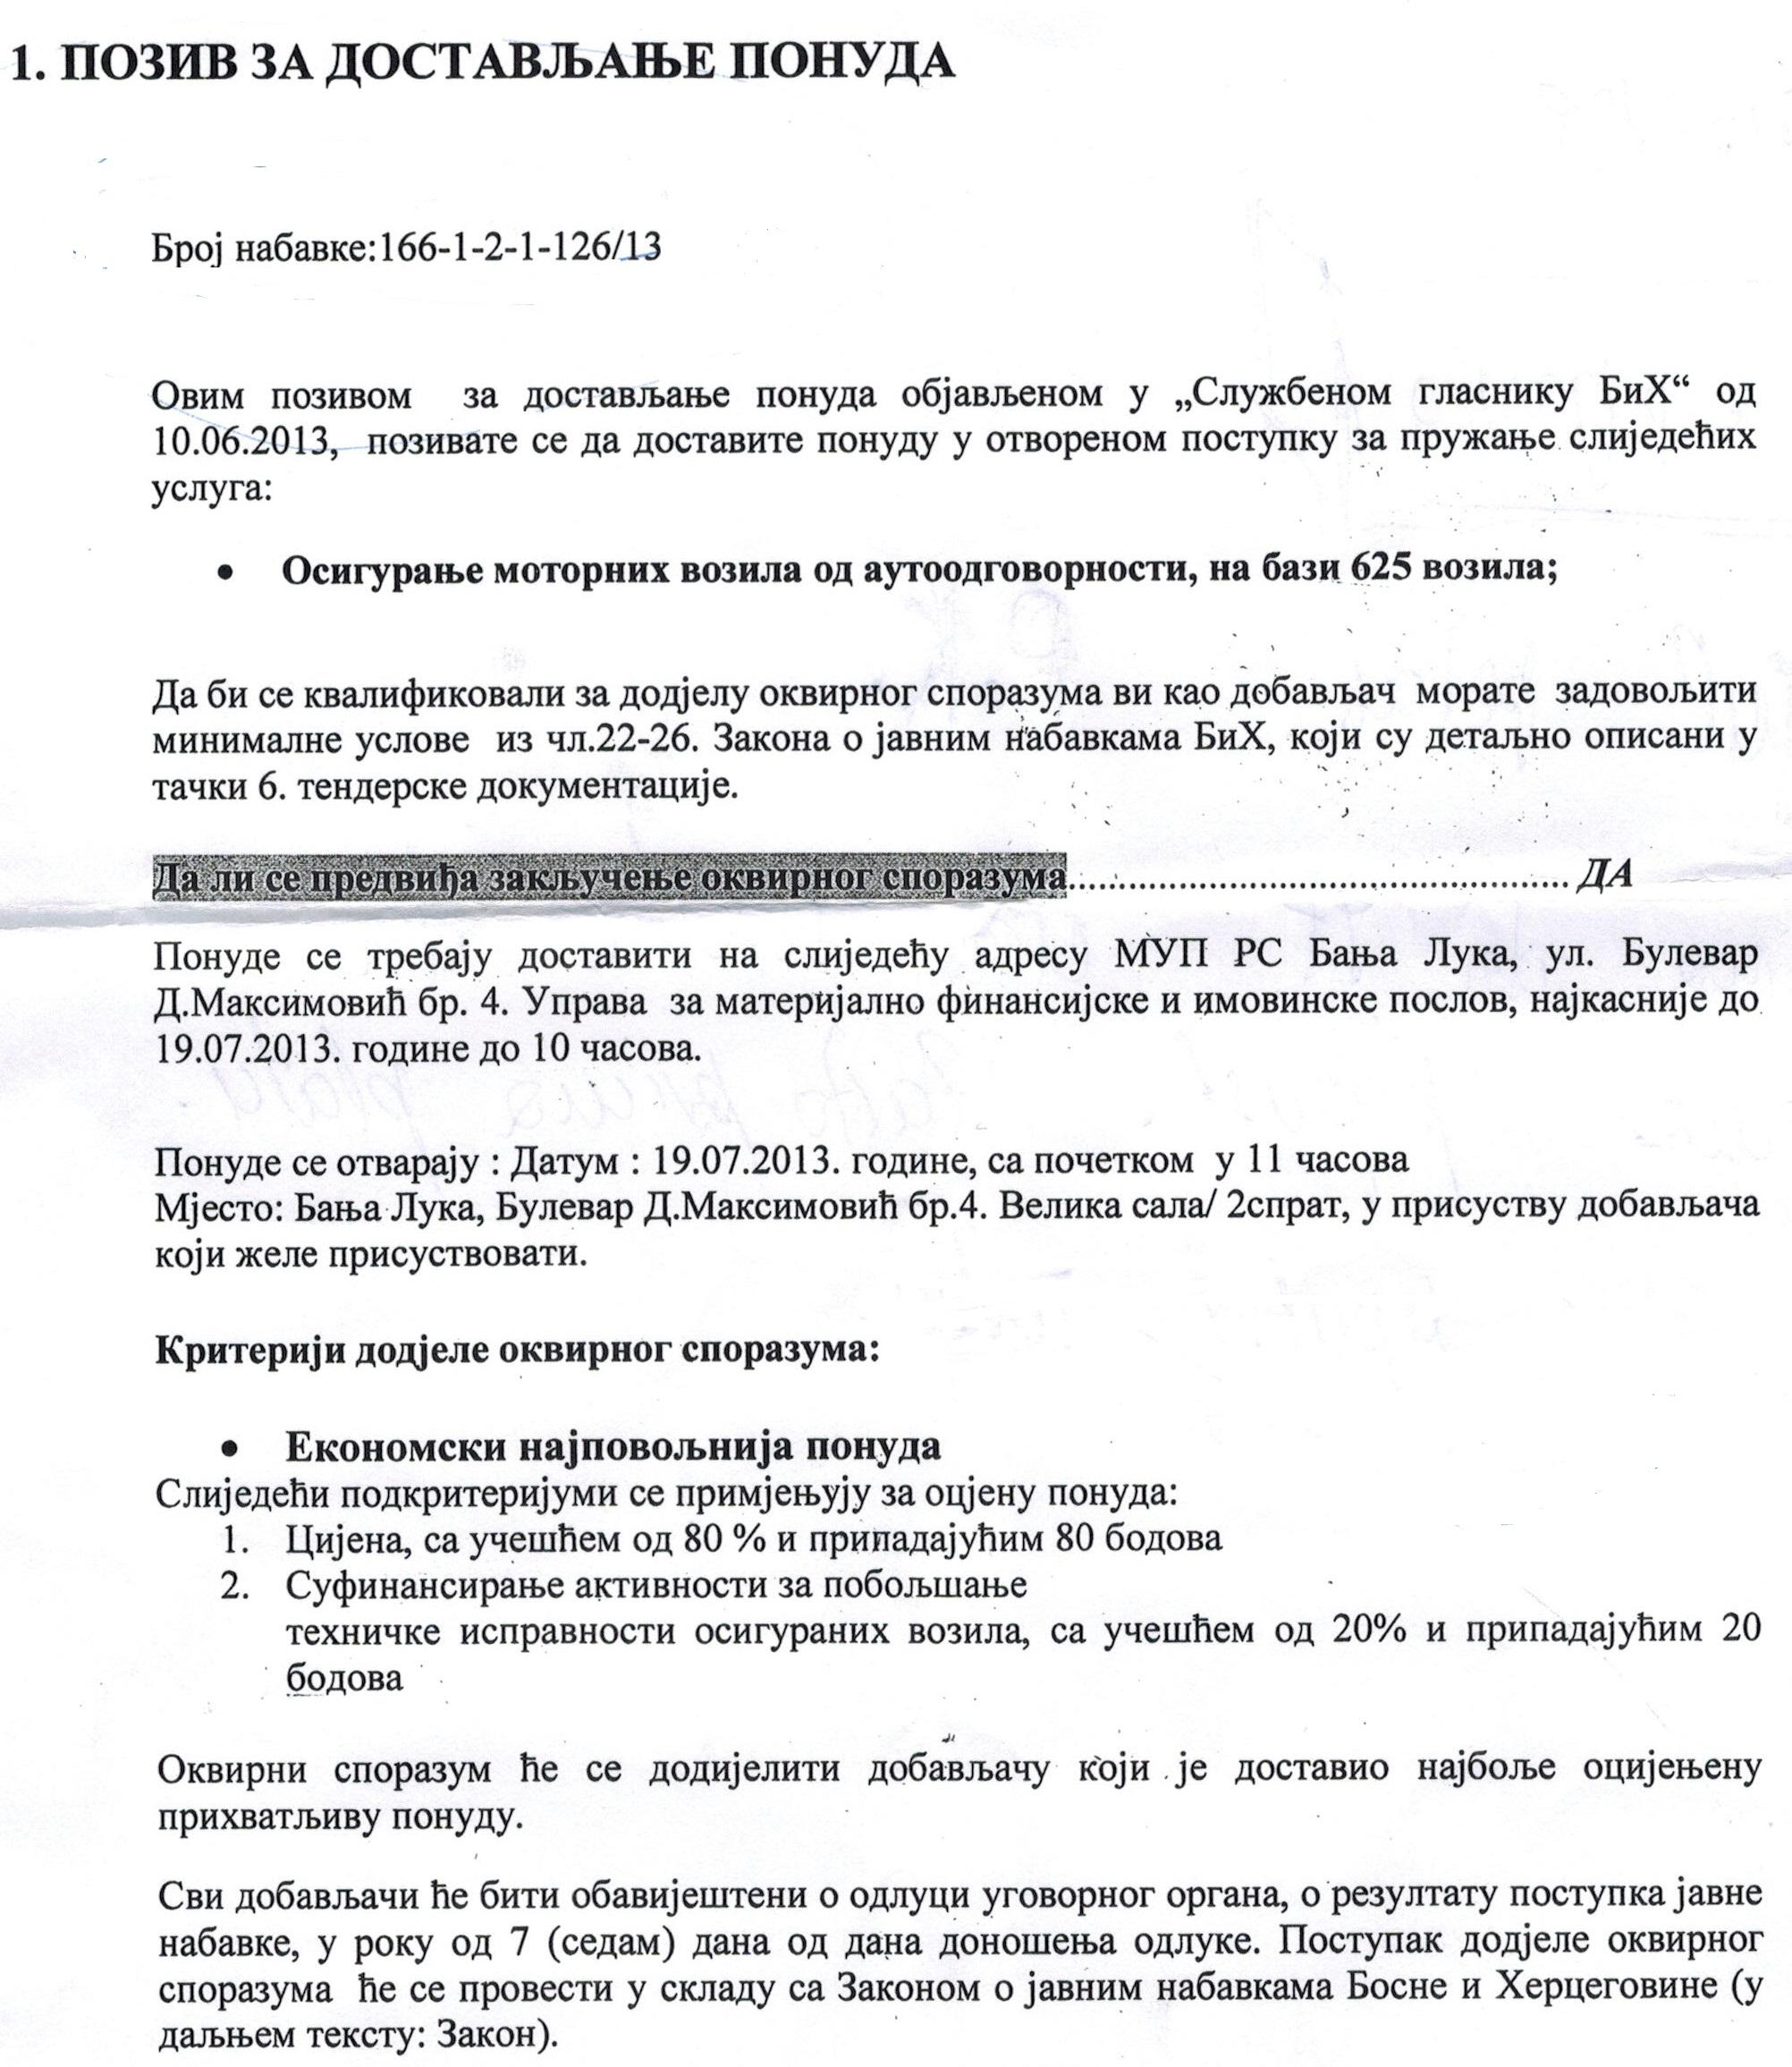 CCI30013_0001